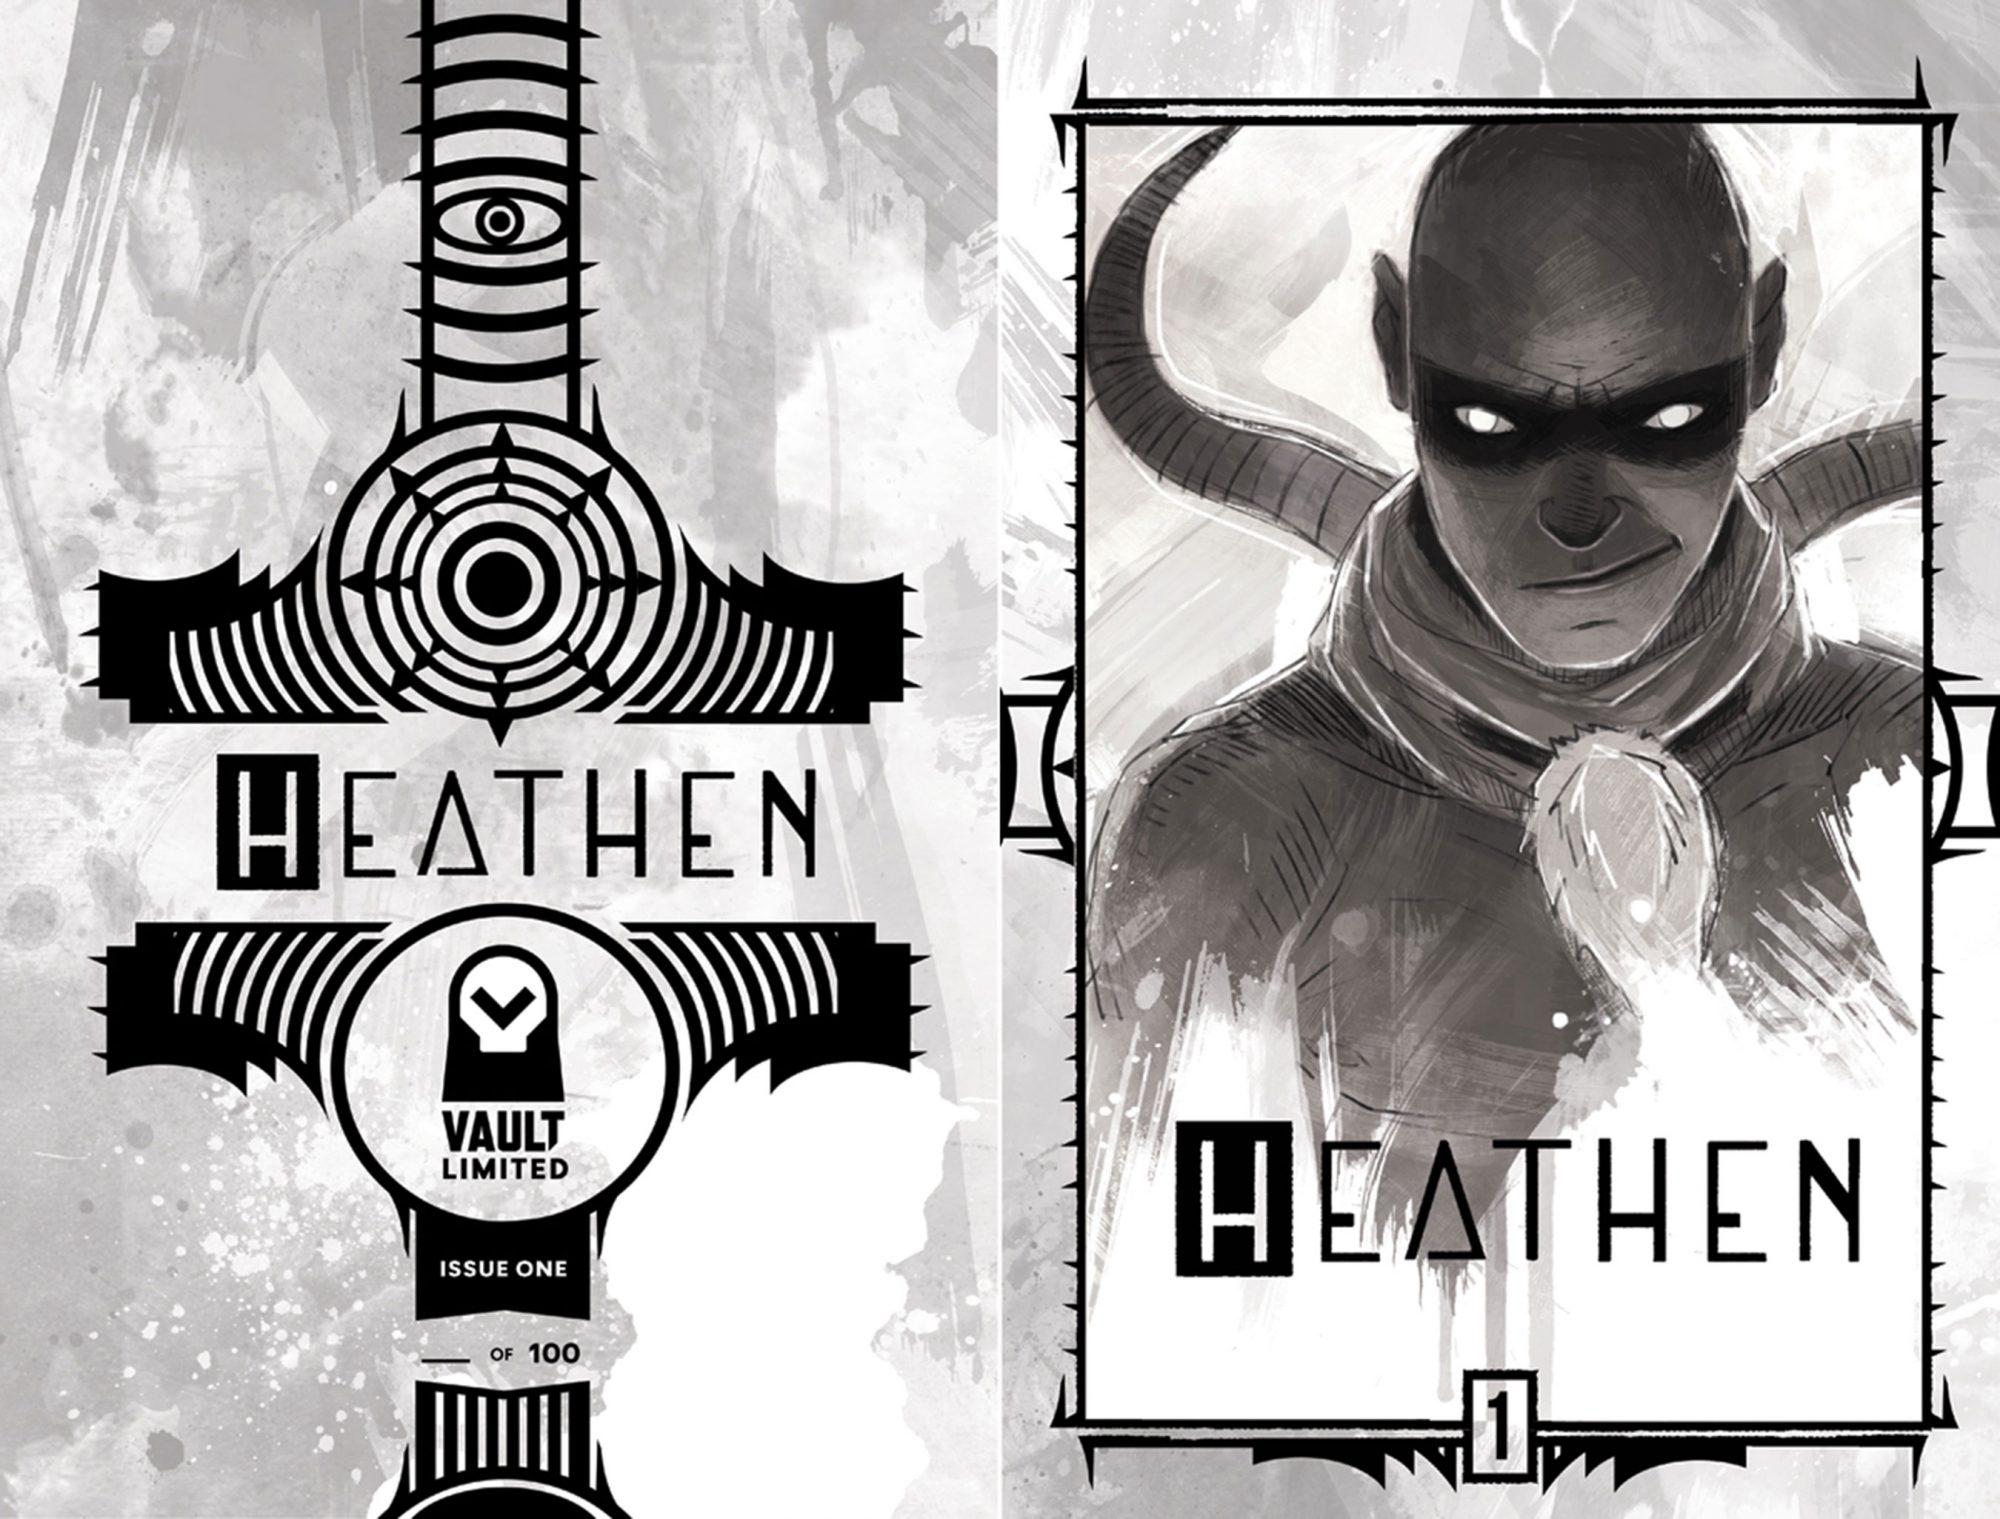 Heathen_sketch_COVER